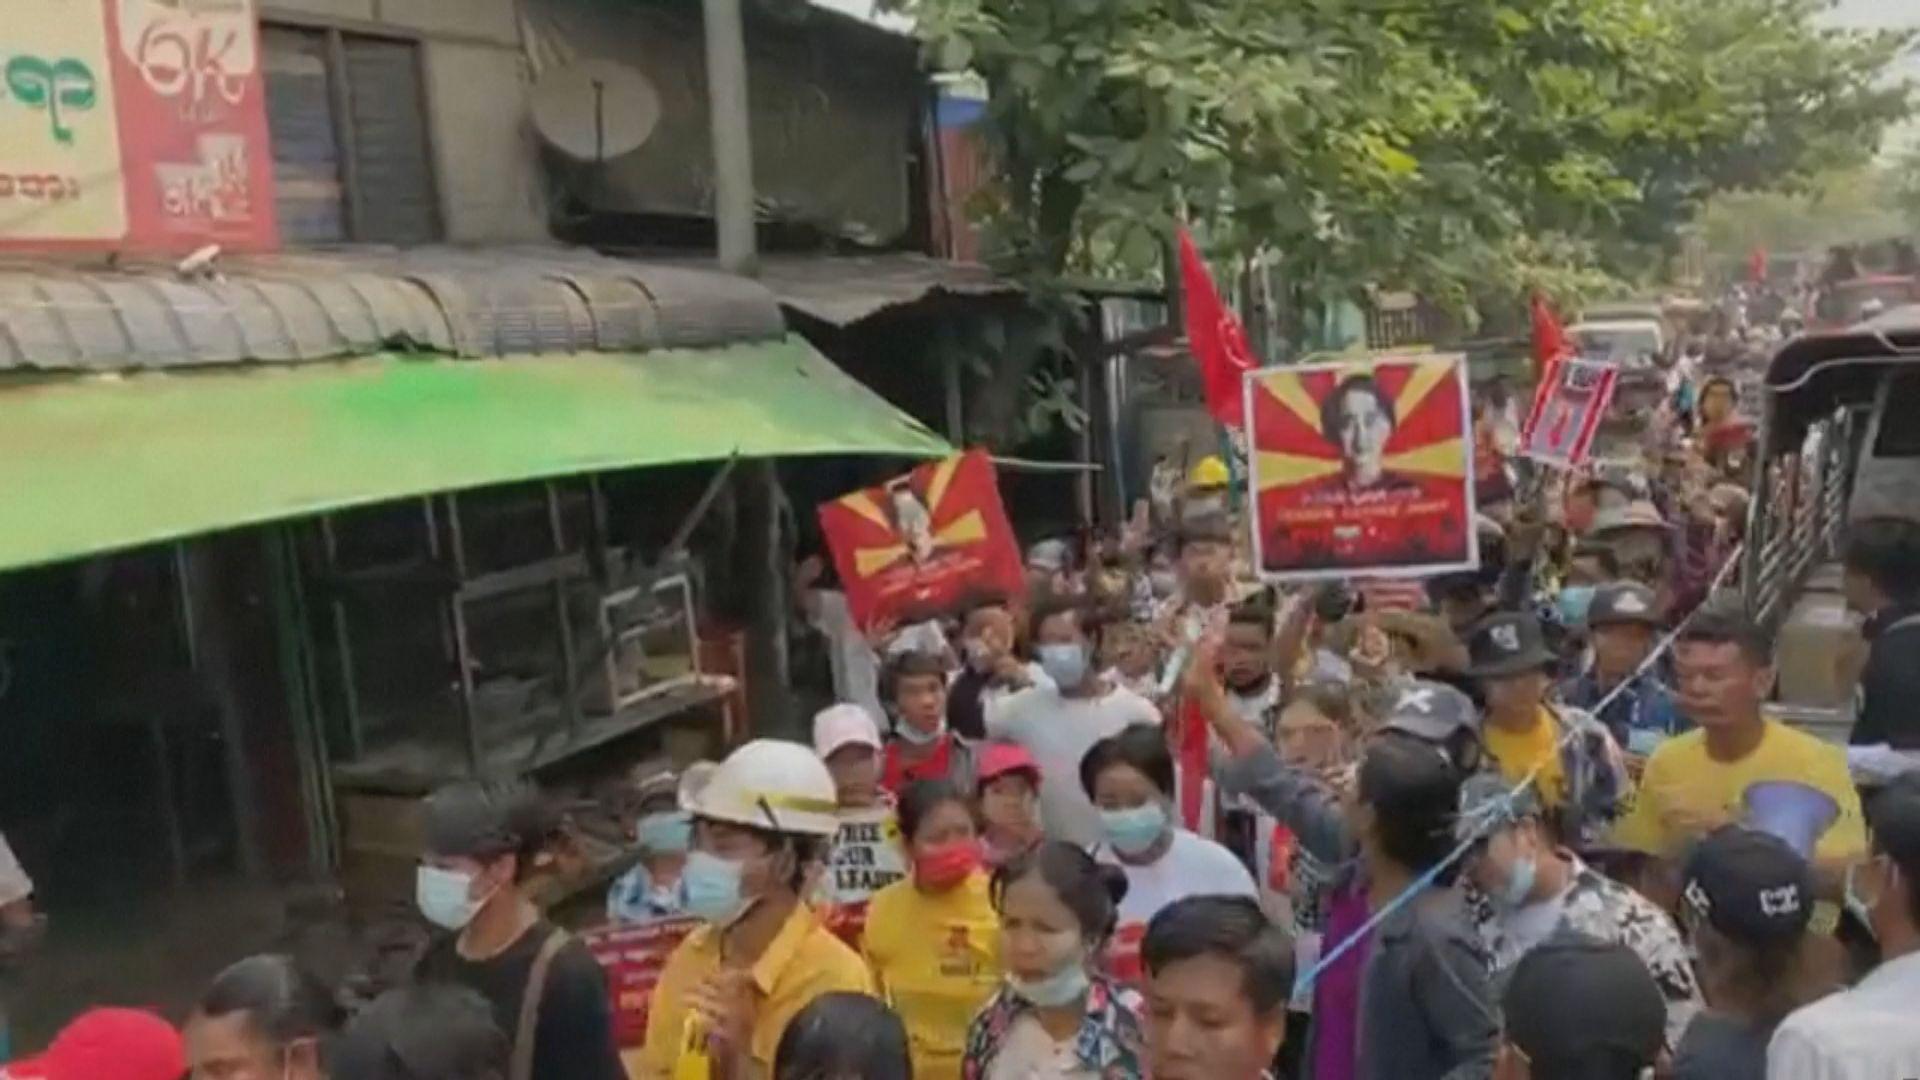 緬甸工會聯盟發起全國大罷工 軍方警告開除罷工公務員